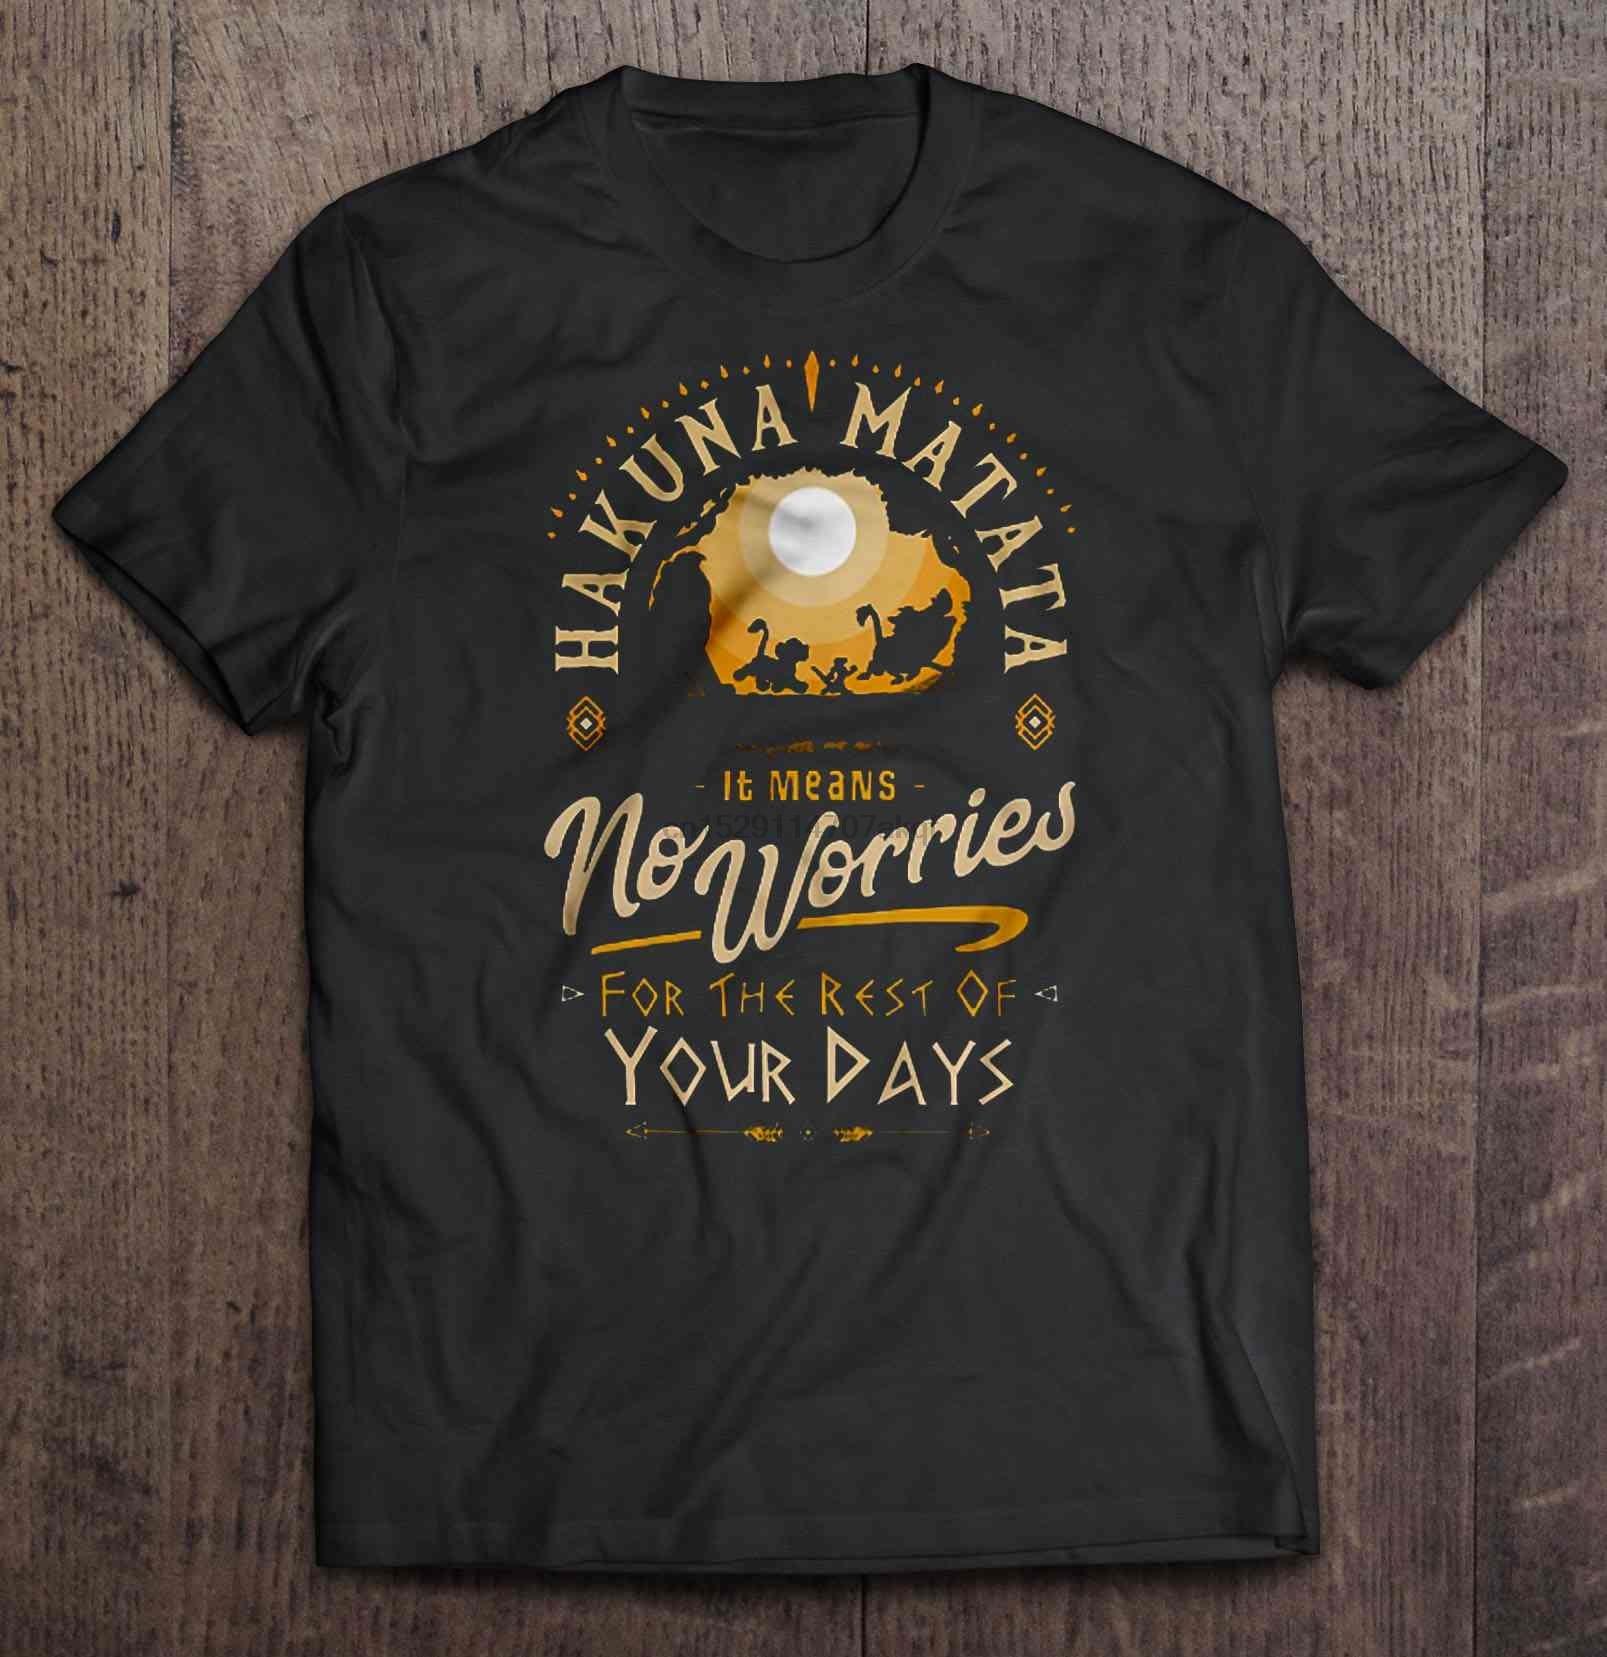 Мужская забавная футболка, модная футболка, хакуна матата, это означает, что не беспокойтесь до конца ваших дней, версия заката, женская футболка